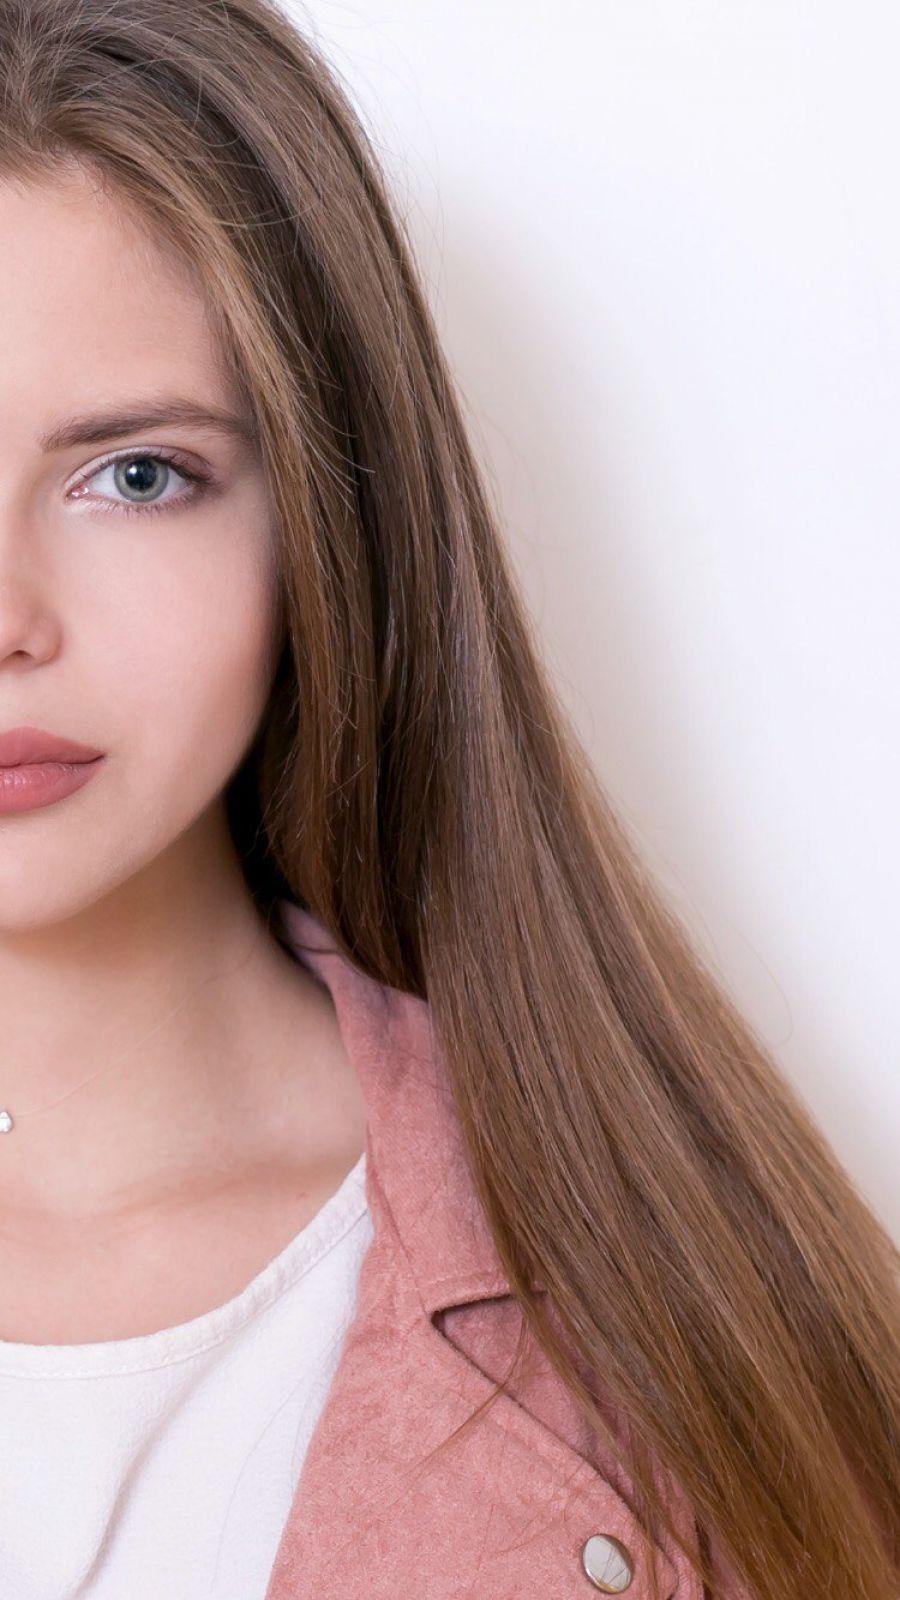 Елена - официальное лицо одной из косметологических фирм.